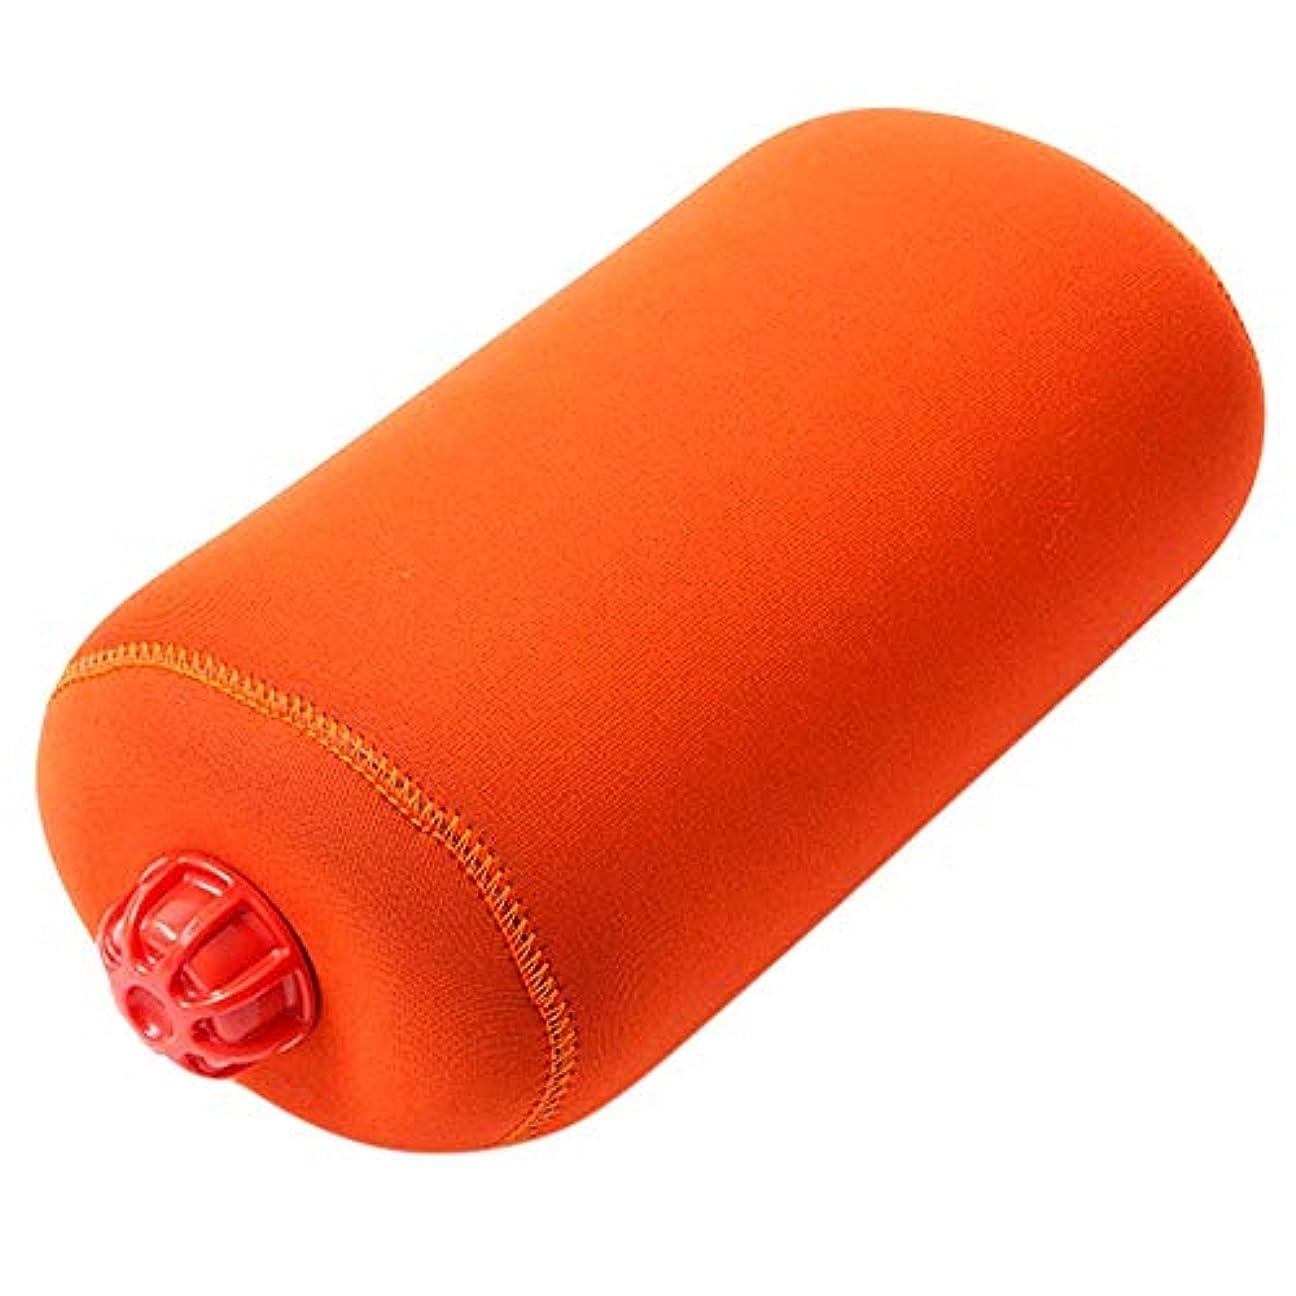 誘惑する排除する円形やわらか湯たんぽ 旅行用タイプ 特大 オレンジ